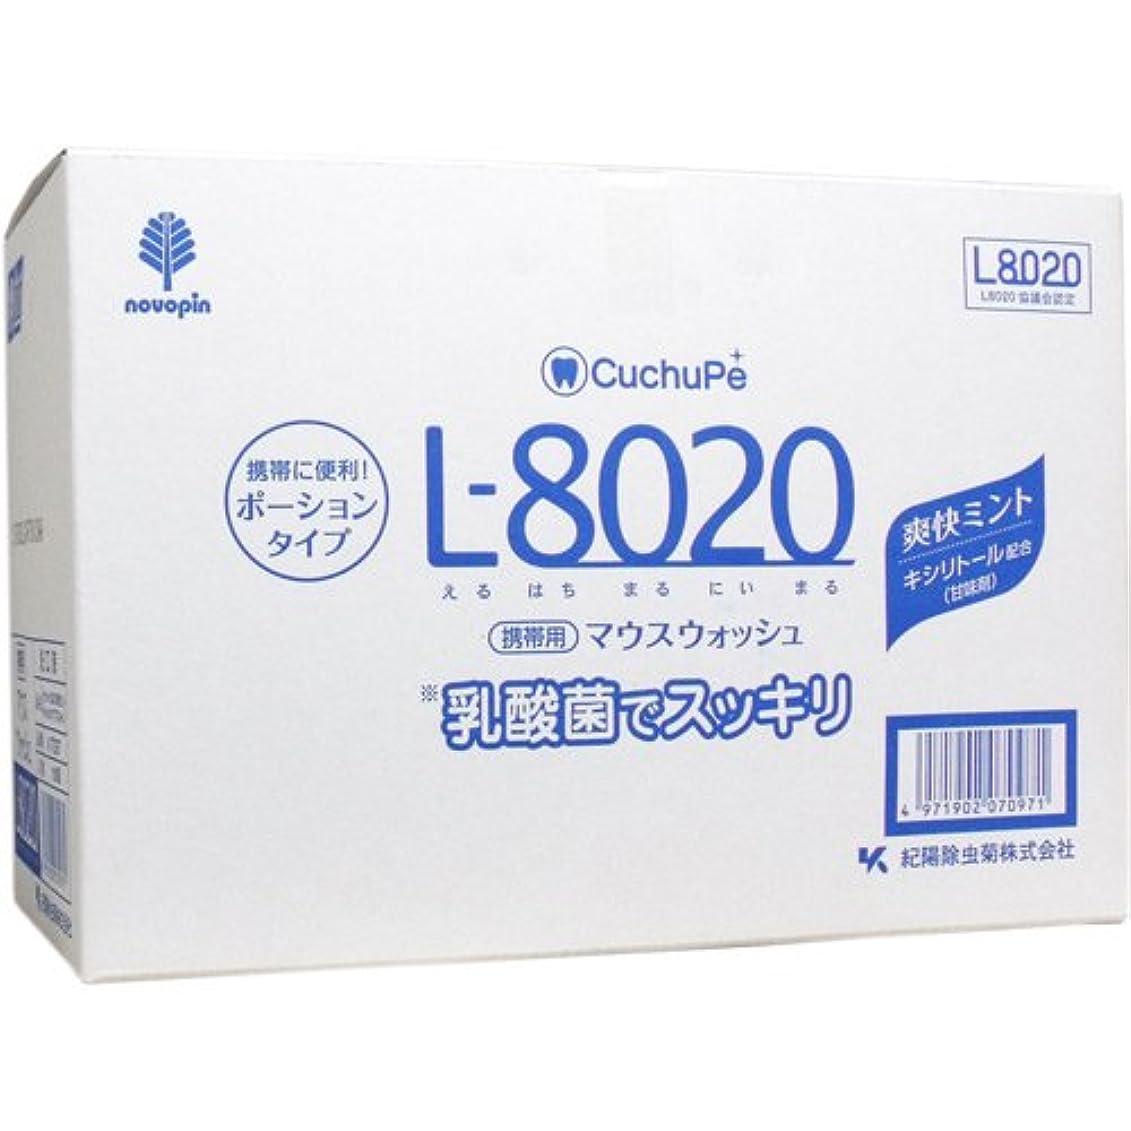 盆地眠る再撮りクチュッペ L-8020 マウスウォッシュ 爽快ミント ポーションタイプ 100個入